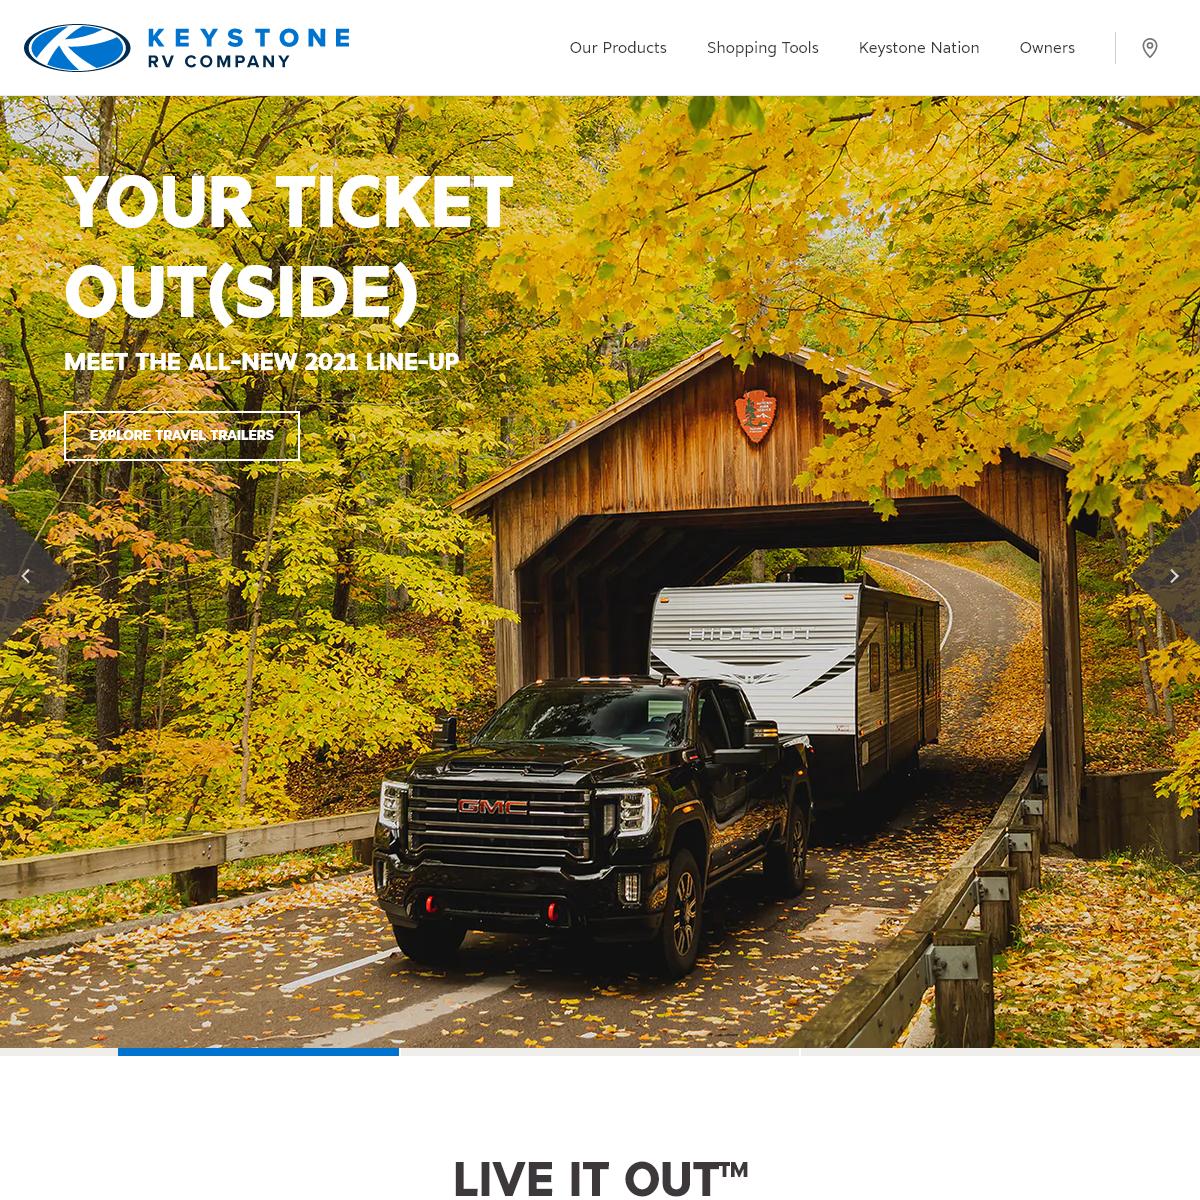 Keystone RV - Travel Trailers, Fifth Wheels, Toy Haulers, & Destination Trailers - Keystone RV